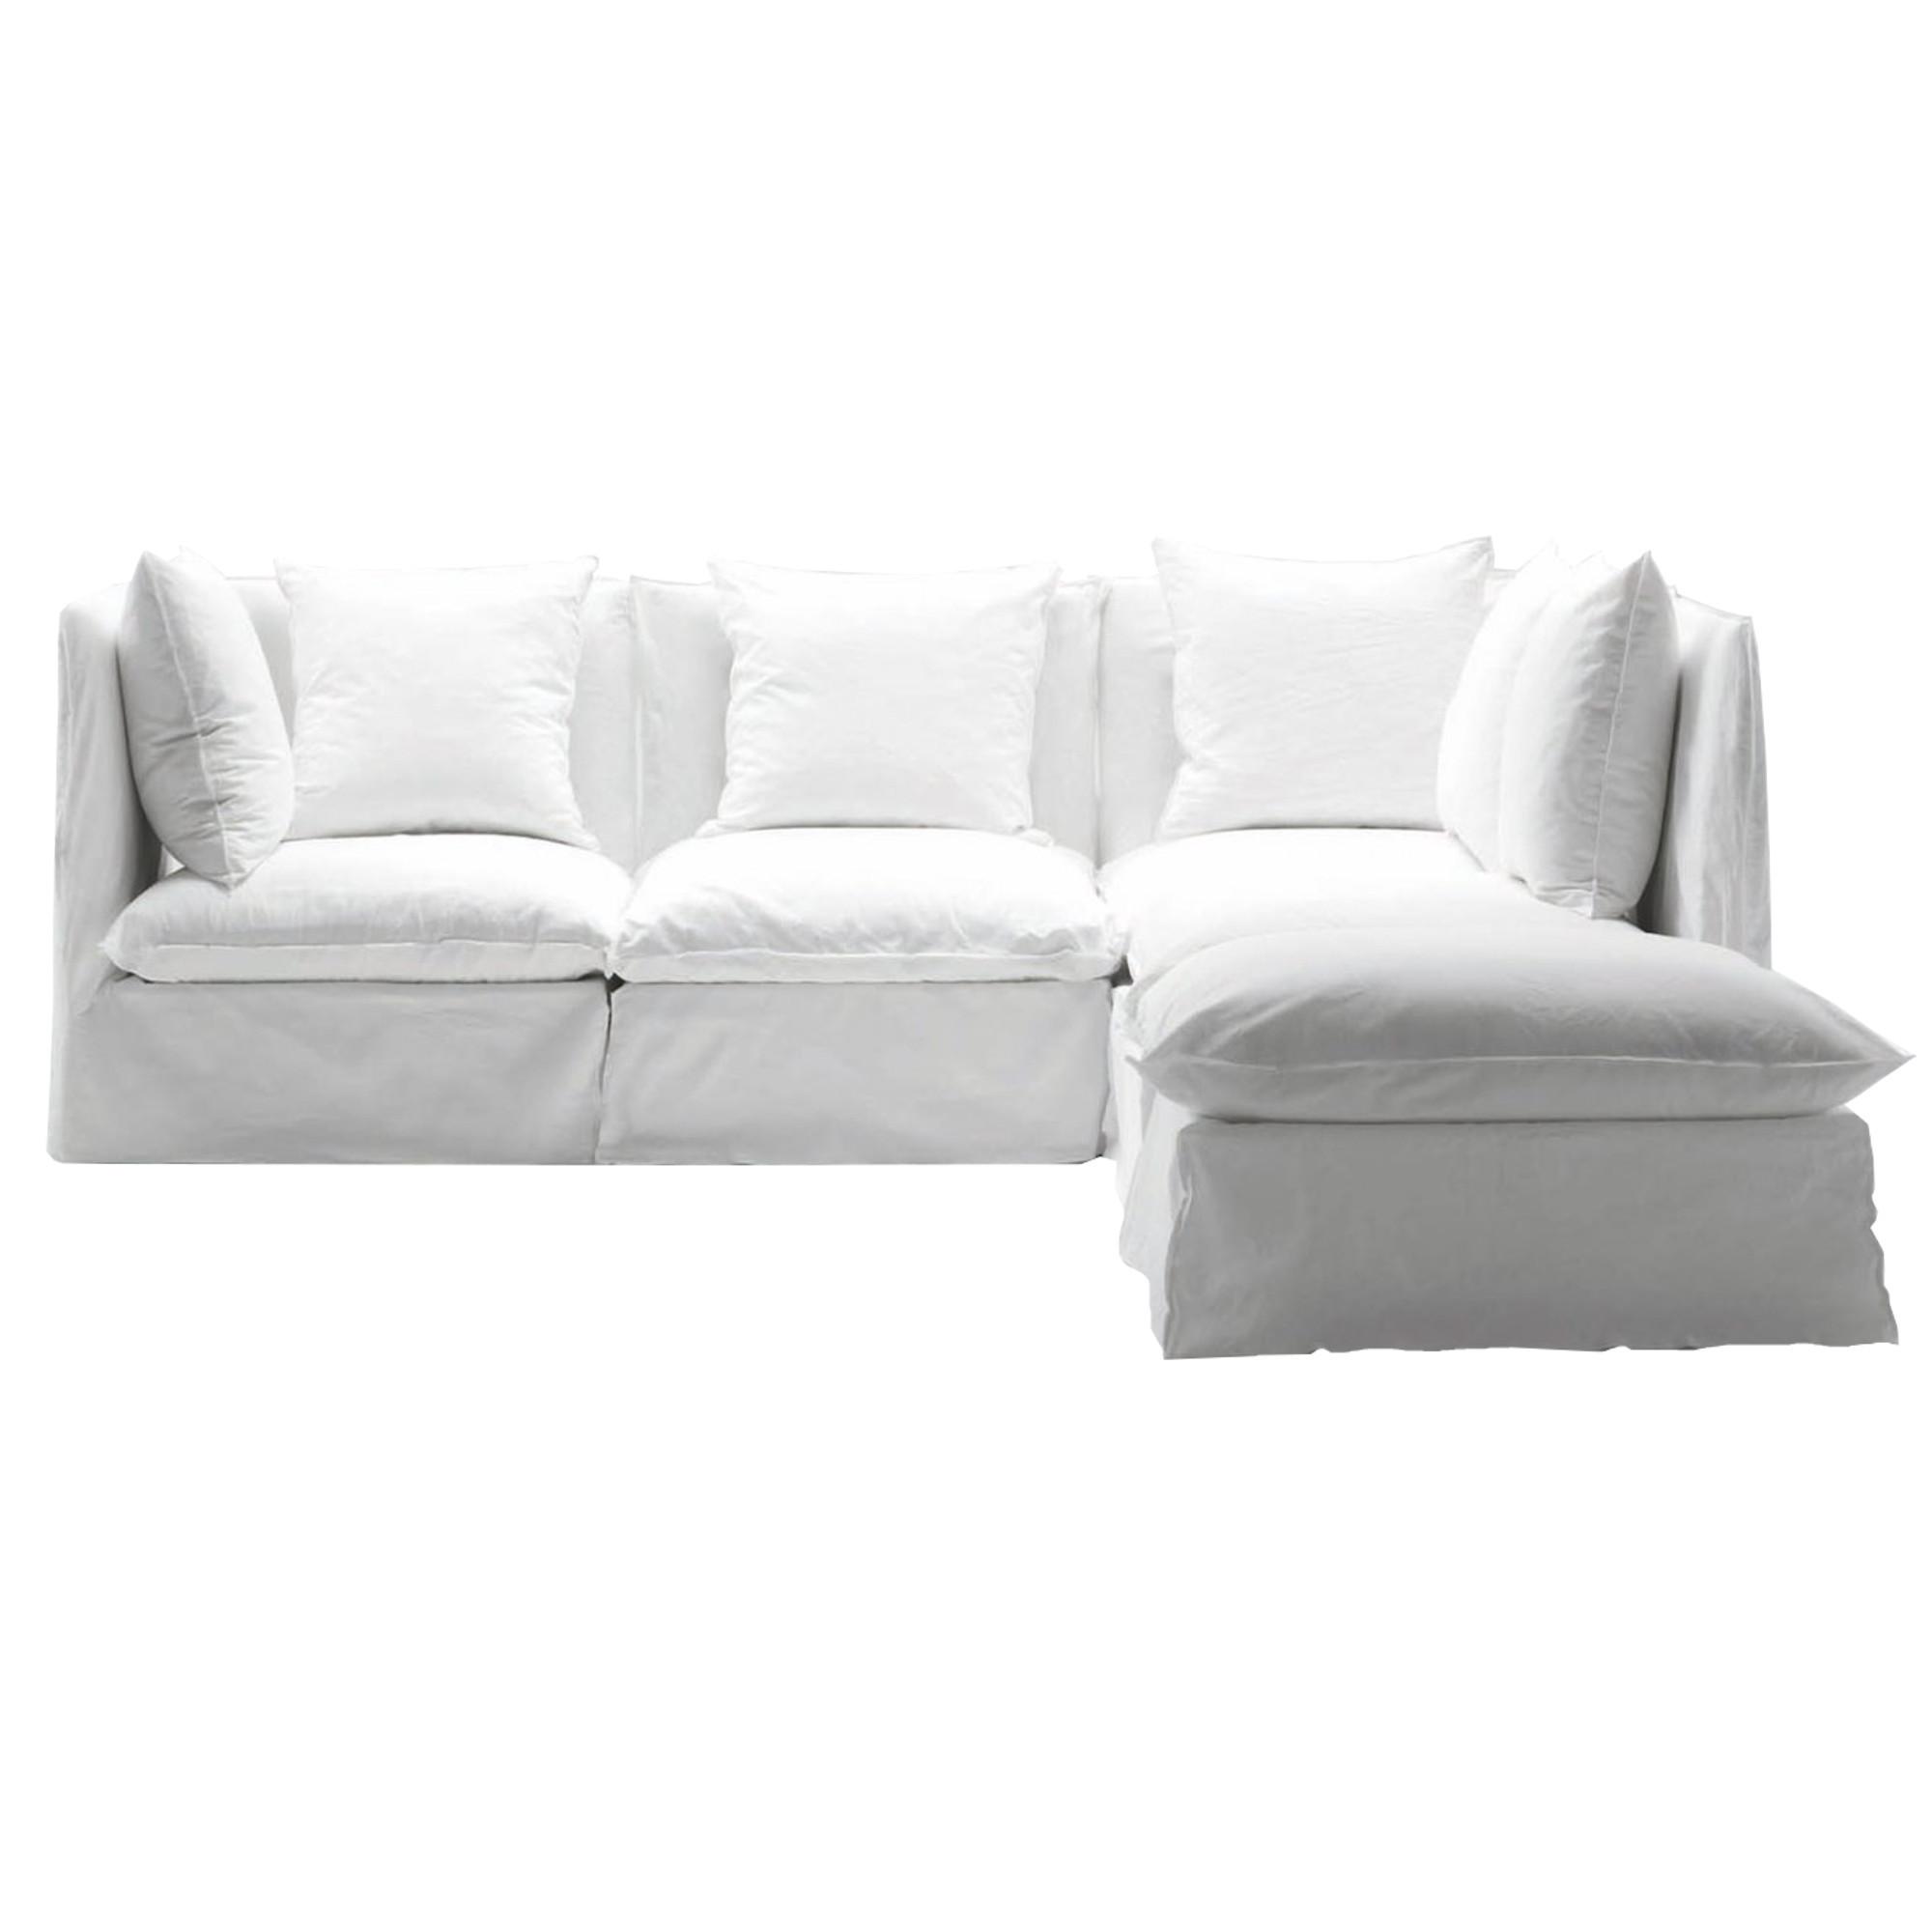 Ghost 06 07 componibile divani e poltrone arredamento - Gervasoni divano letto ...